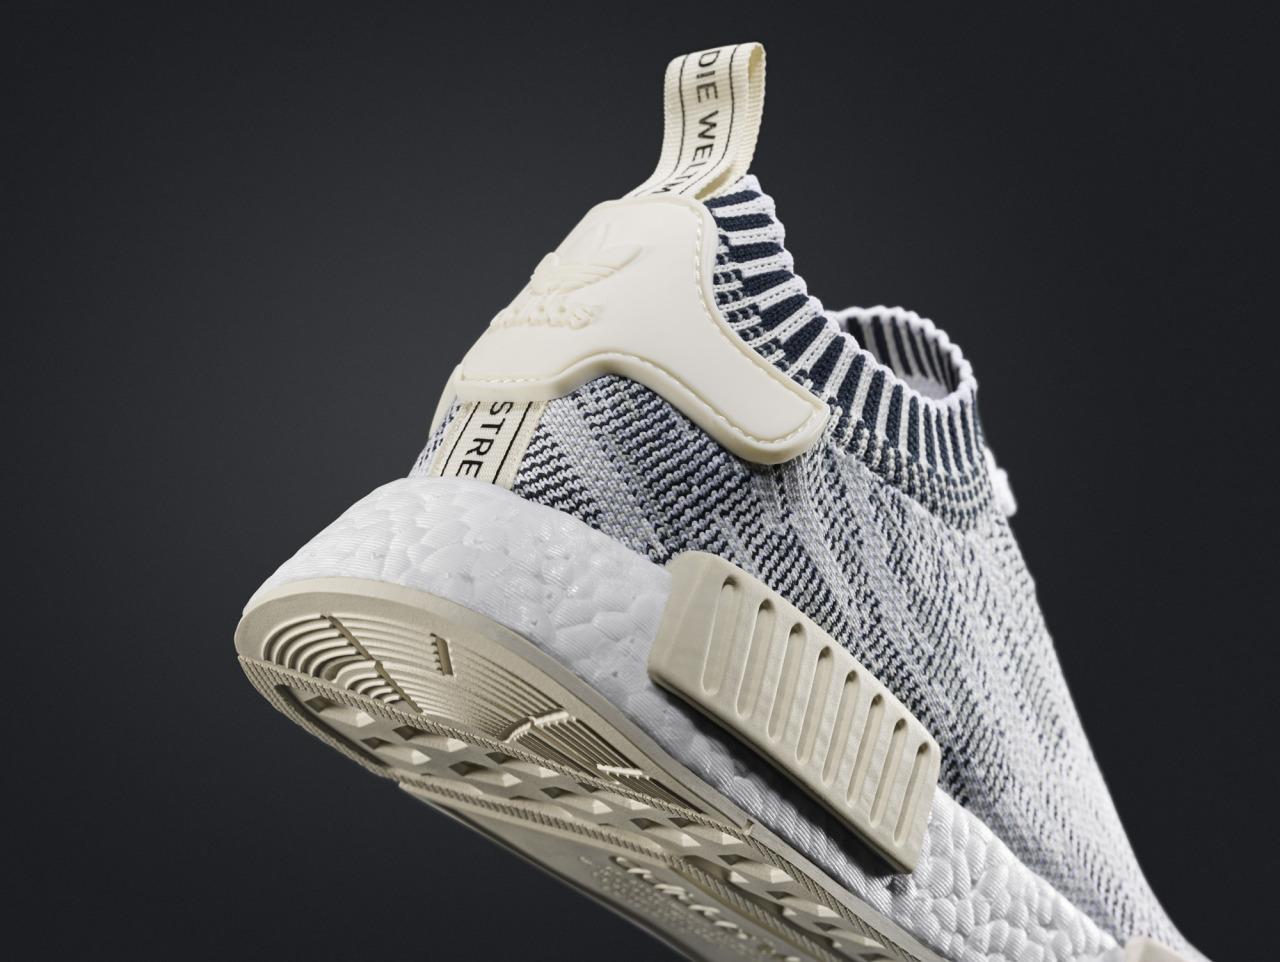 adidas-nmd-r1-primeknit-white-camo-02